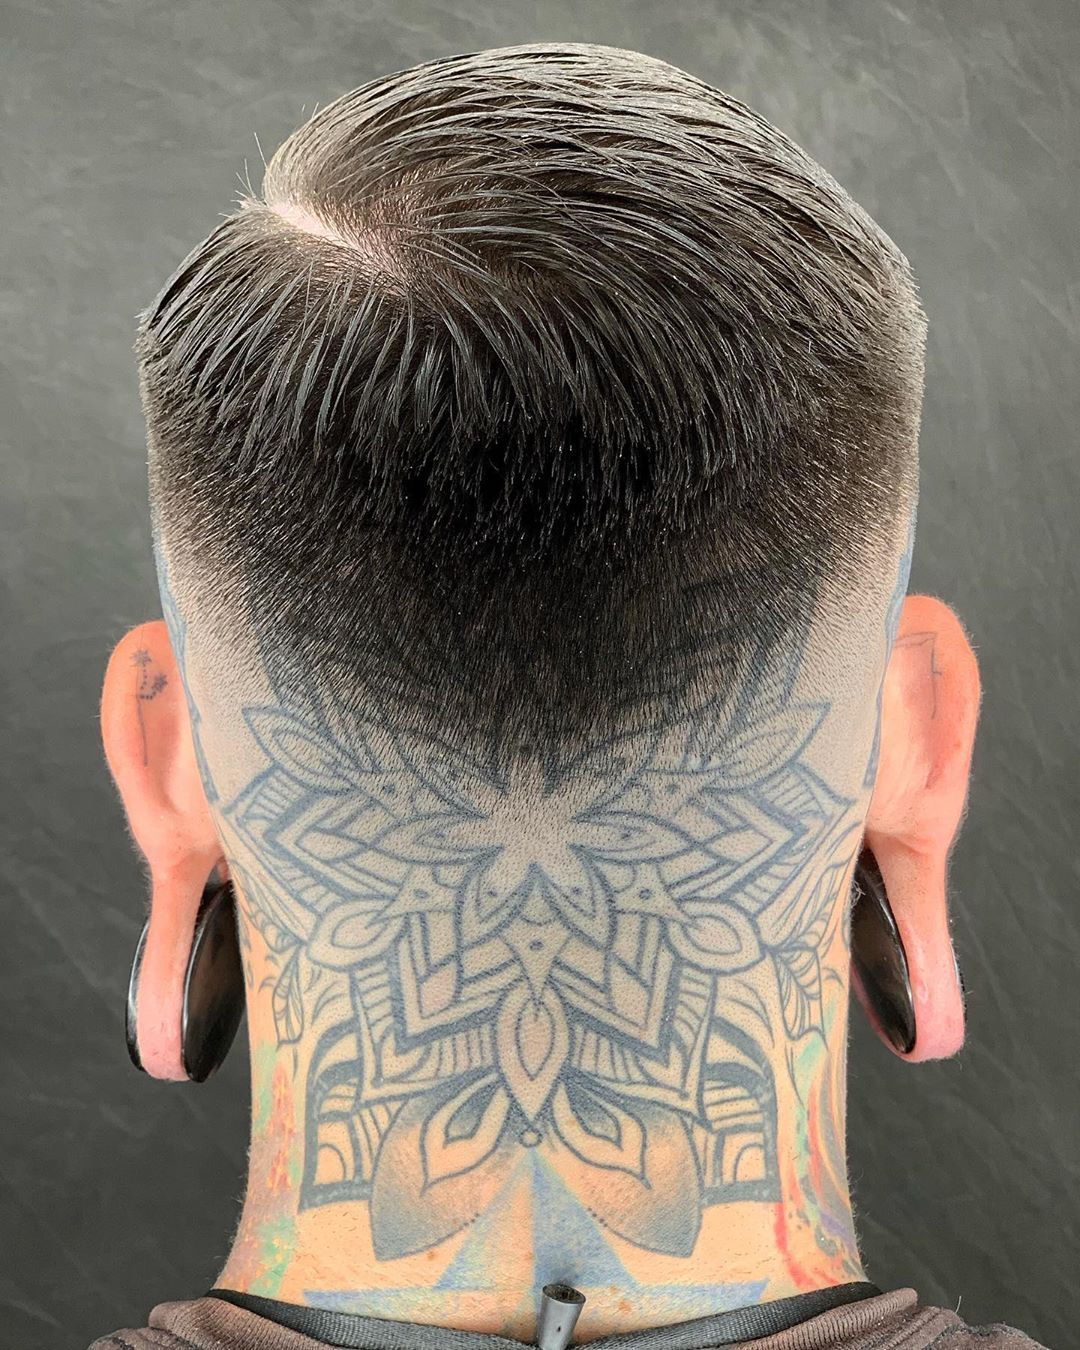 Reuzel Hashtag Auf Instagram Fotos Und Videos Back Of Neck Tattoo Men Back Of Neck Tattoo Neck Tattoo For Guys